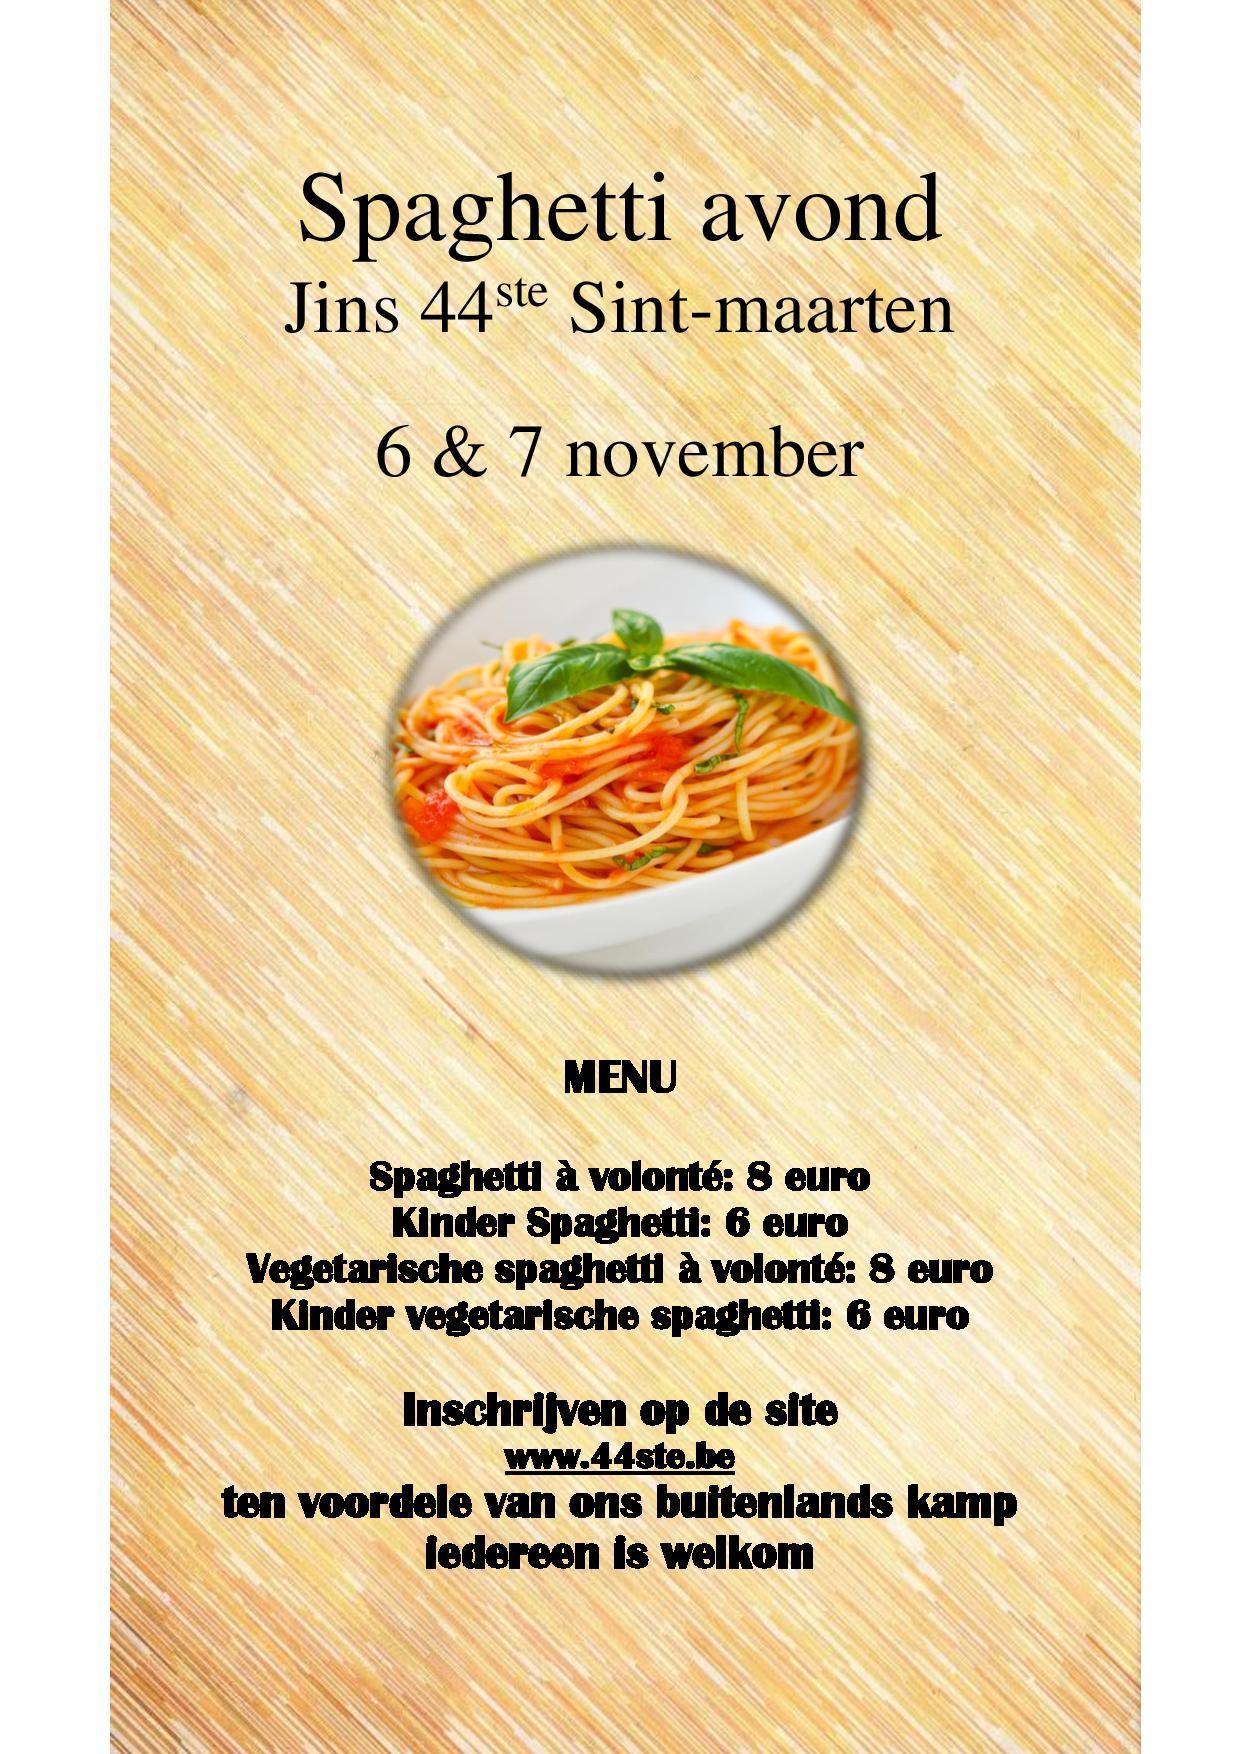 Spaghetti-poster jins-page-001